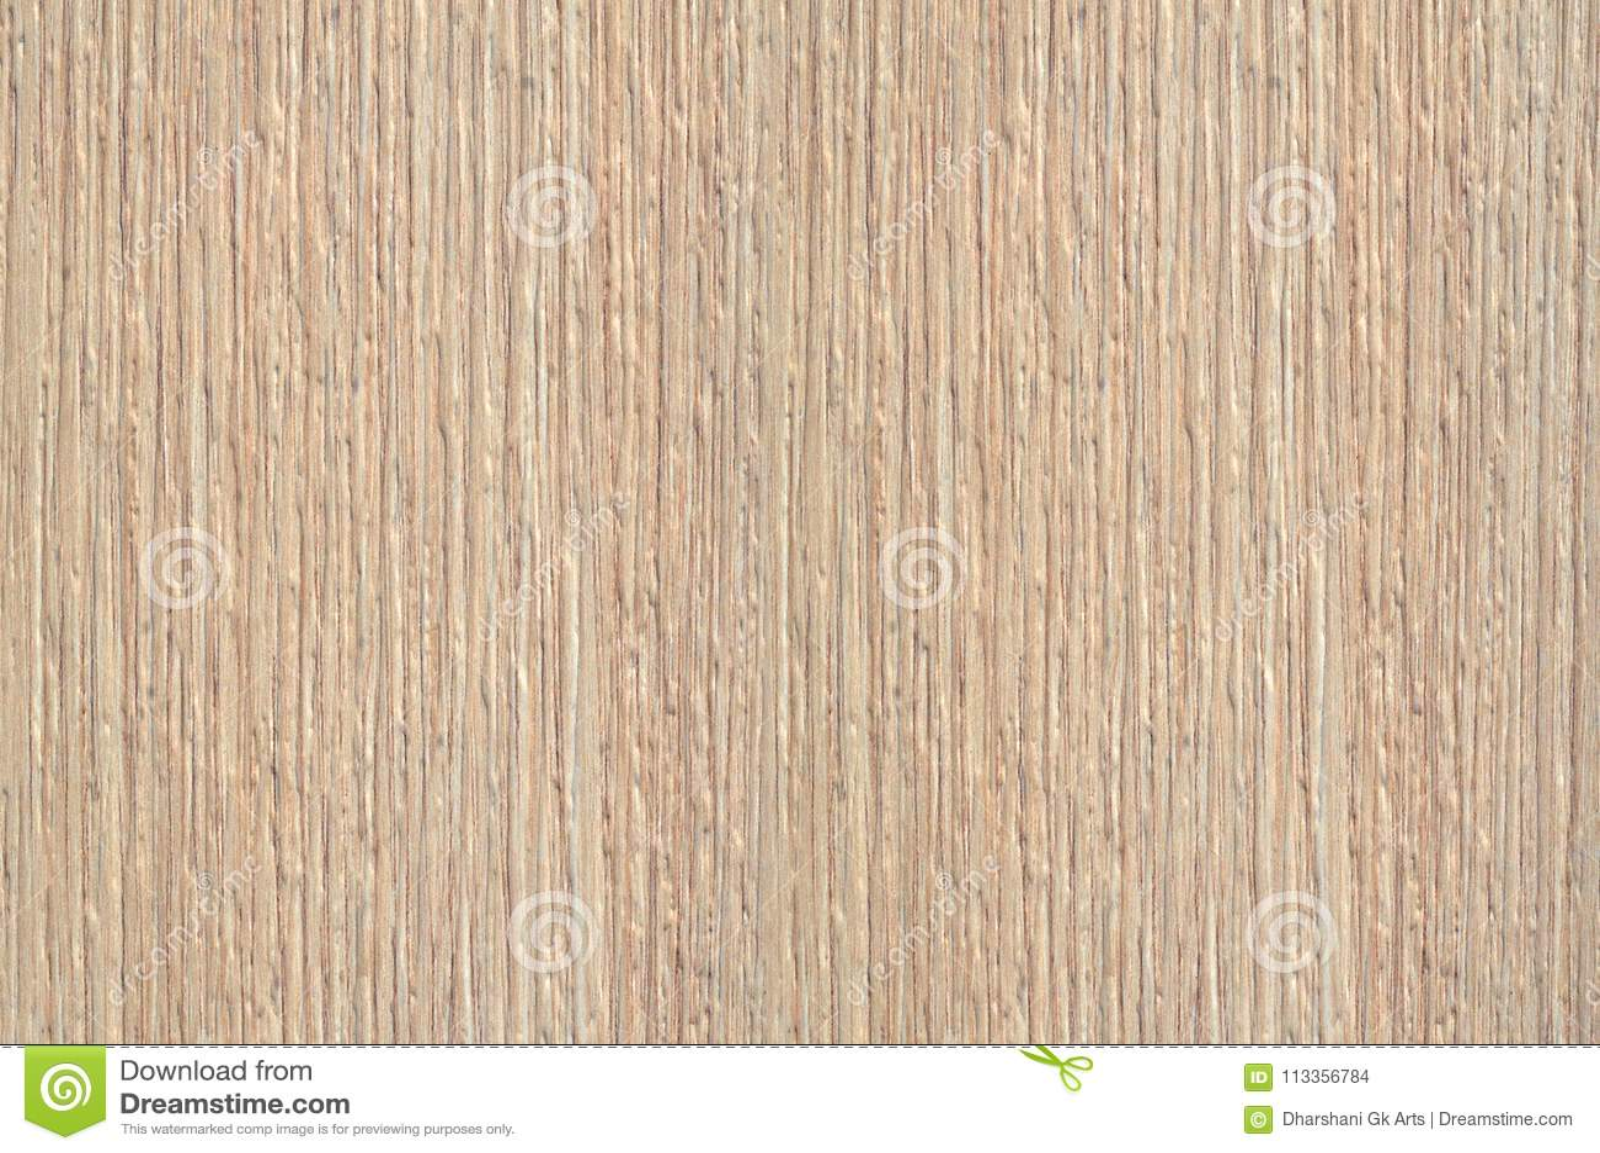 Ξύλινο υπόβαθρο σύστασης μίκας